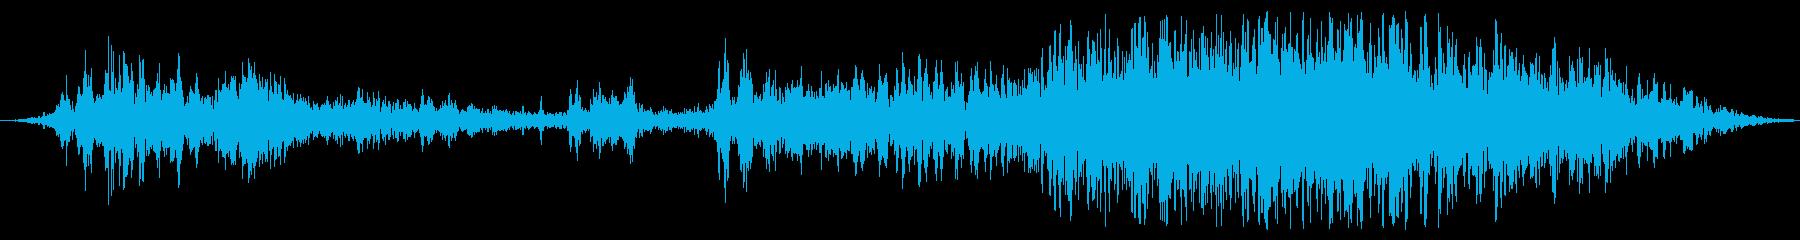 機械機構の動きの再生済みの波形